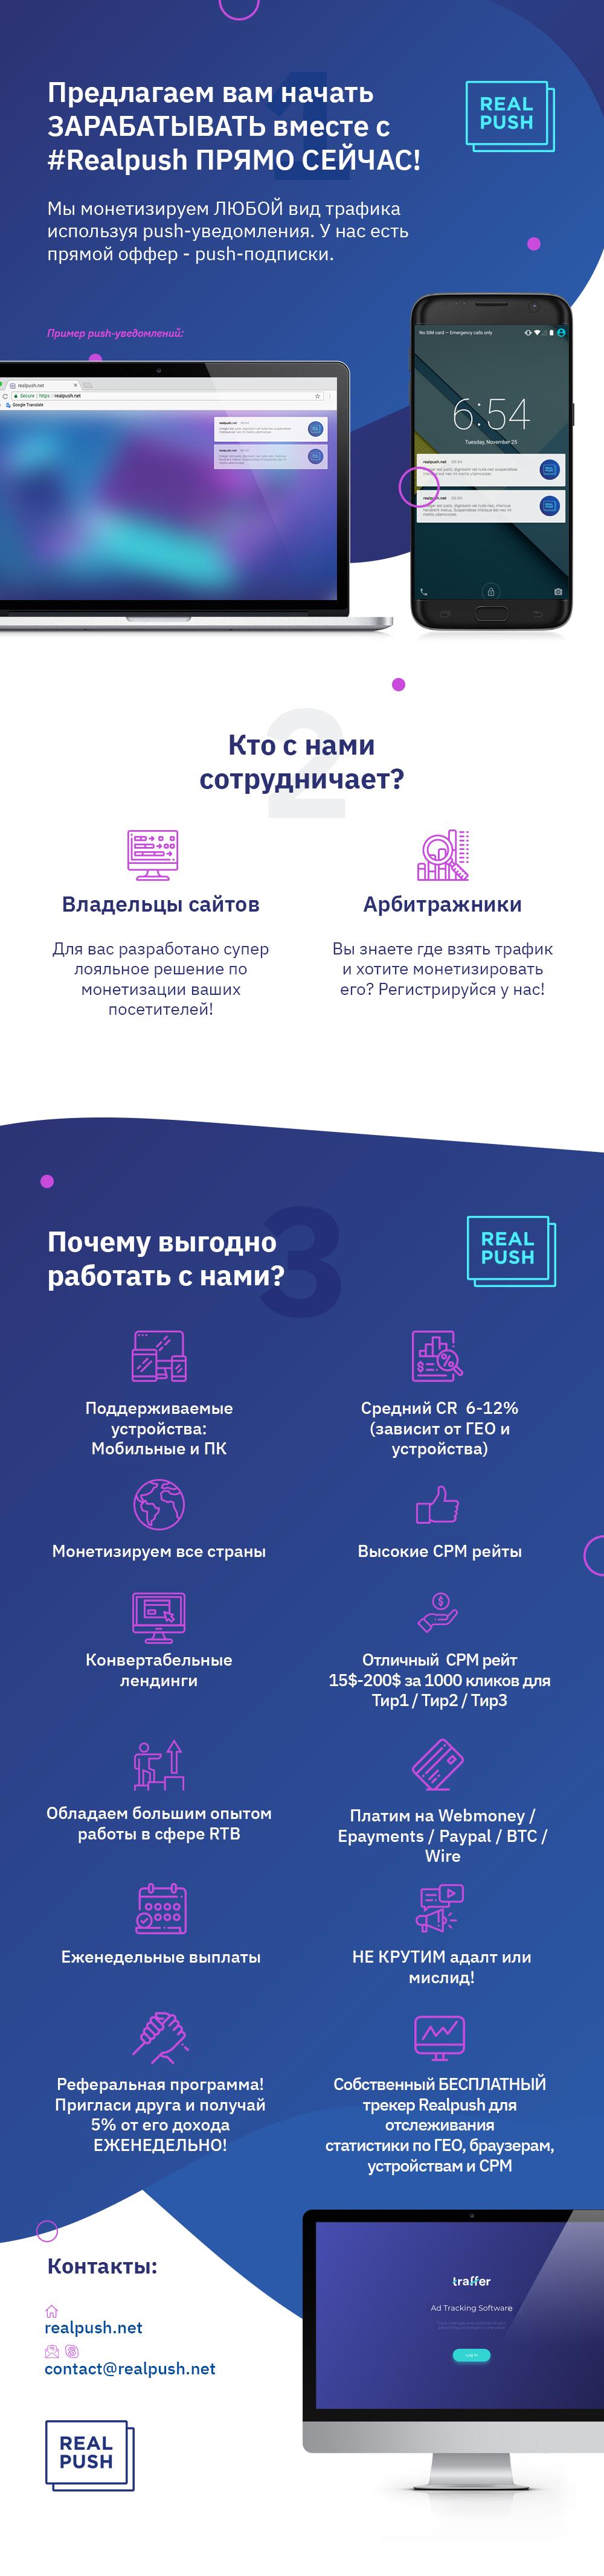 START-ru.jpg